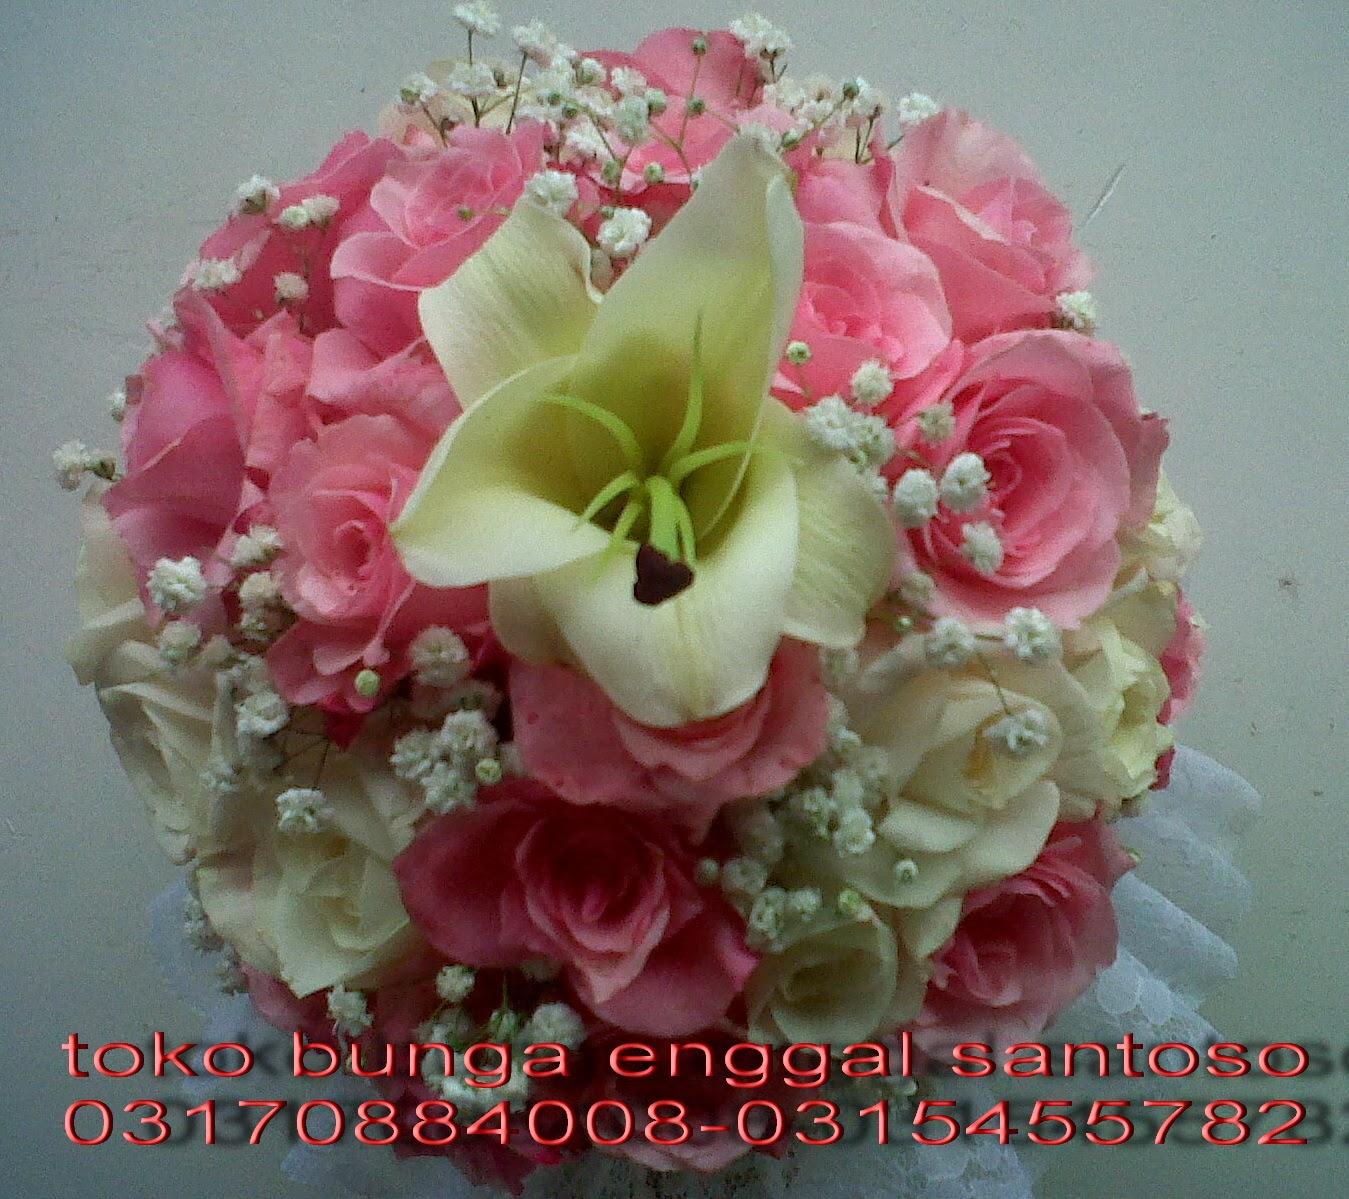 hand bouquet mawar pink, mawar putih dan bunga lily